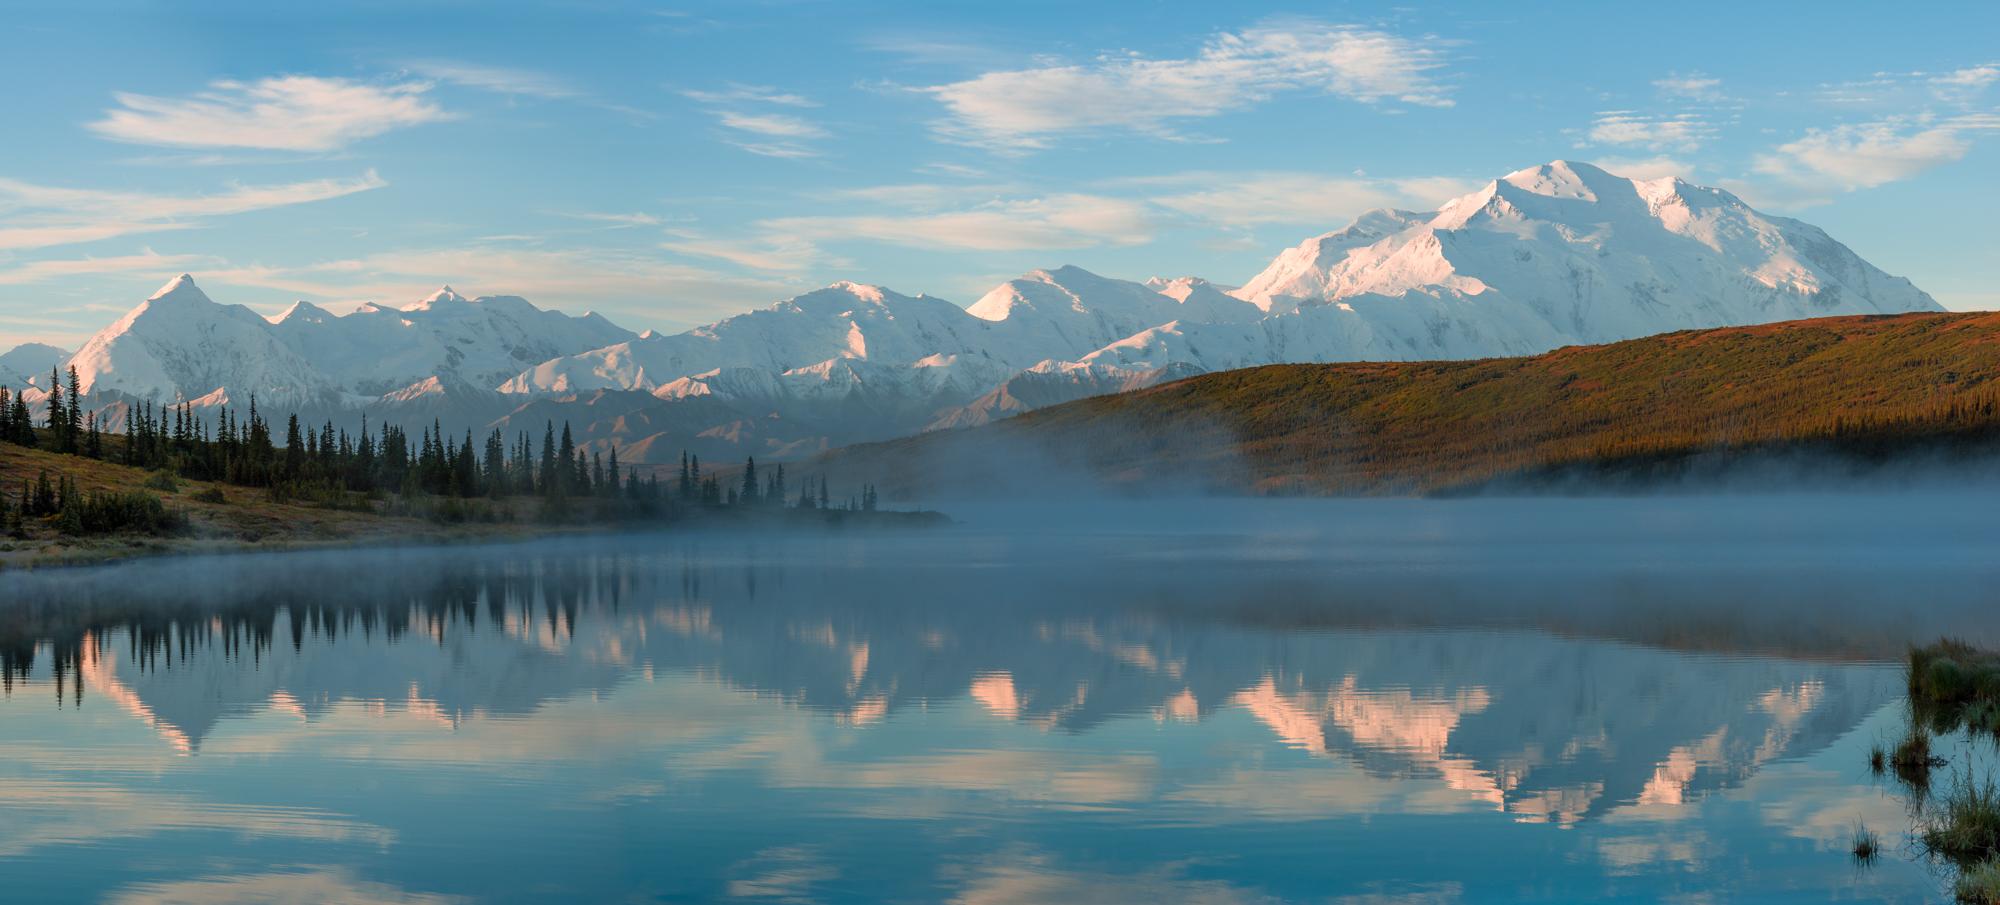 Wonder Lake Morning